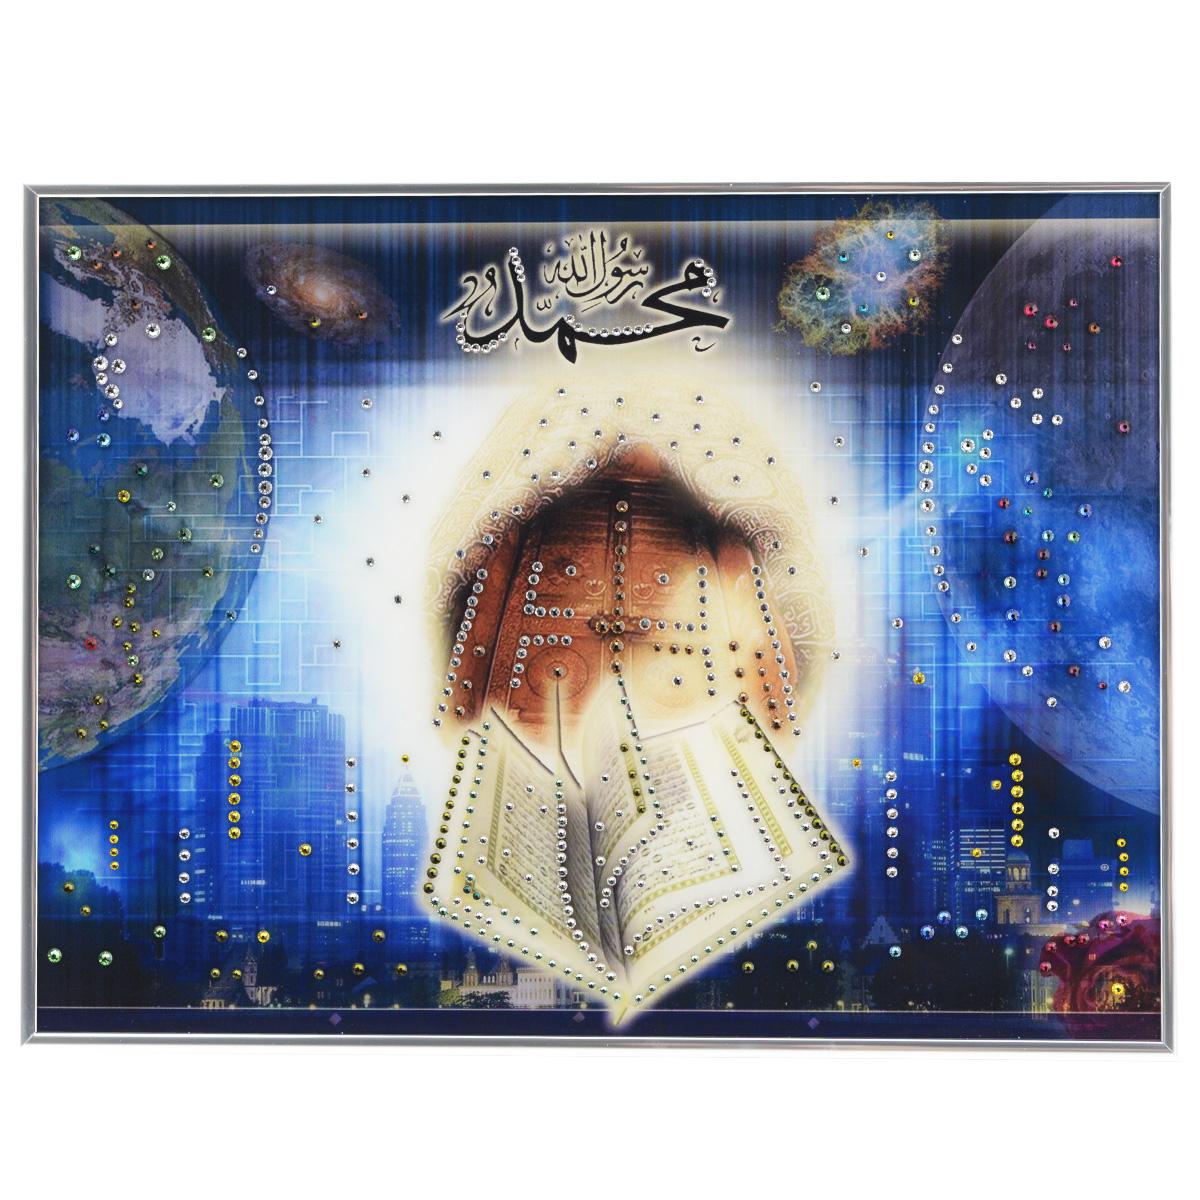 Картина с кристаллами Swarovski Книга Аллаха, 40 см х 30 смPM-2401Изящная картина в металлической раме, инкрустирована кристаллами Swarovski, которые отличаются четкой и ровной огранкой, ярким блеском и чистотой цвета. Красочное изображение книги Аллаха, расположенное под стеклом, прекрасно дополняет блеск кристаллов. С обратной стороны имеется металлическая петелька для размещения картины на стене. Картина с кристаллами Swarovski Книга Аллаха элегантно украсит интерьер дома или офиса, а также станет прекрасным подарком, который обязательно понравится получателю. Блеск кристаллов в интерьере, что может быть сказочнее и удивительнее. Картина упакована в подарочную картонную коробку синего цвета и комплектуется сертификатом соответствия Swarovski.